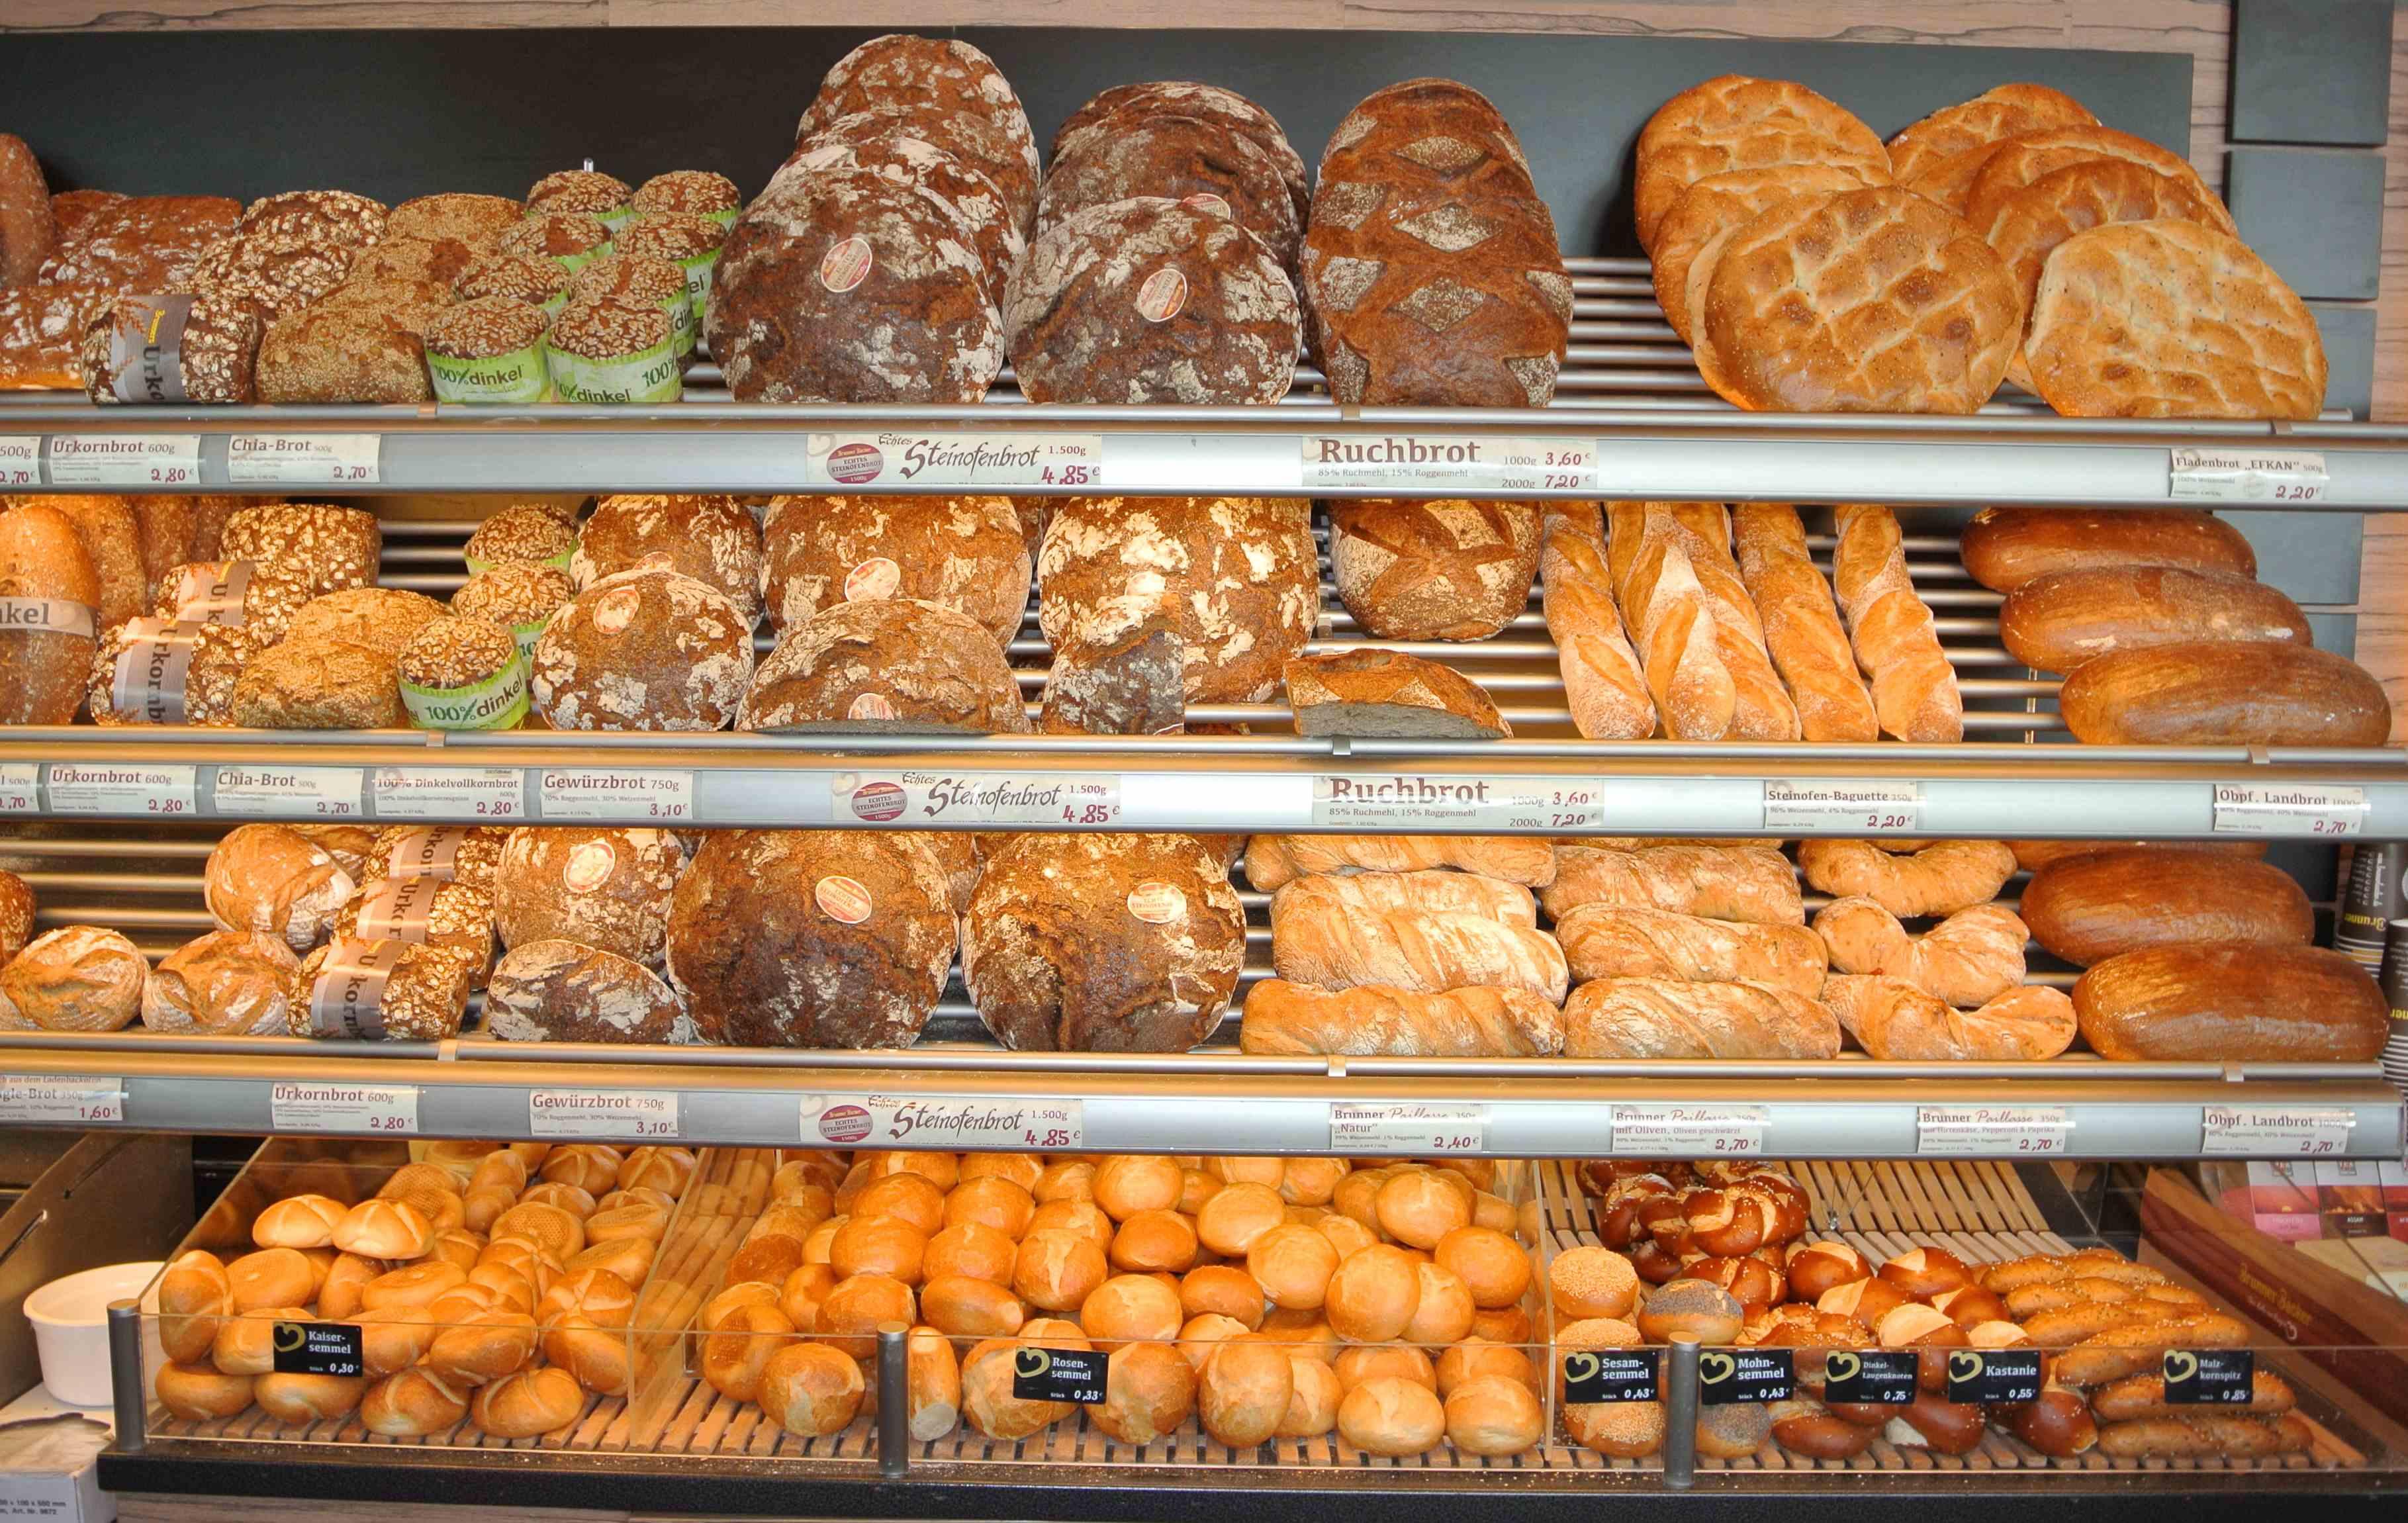 Zertifizierungsaudit für eine Bäckerei